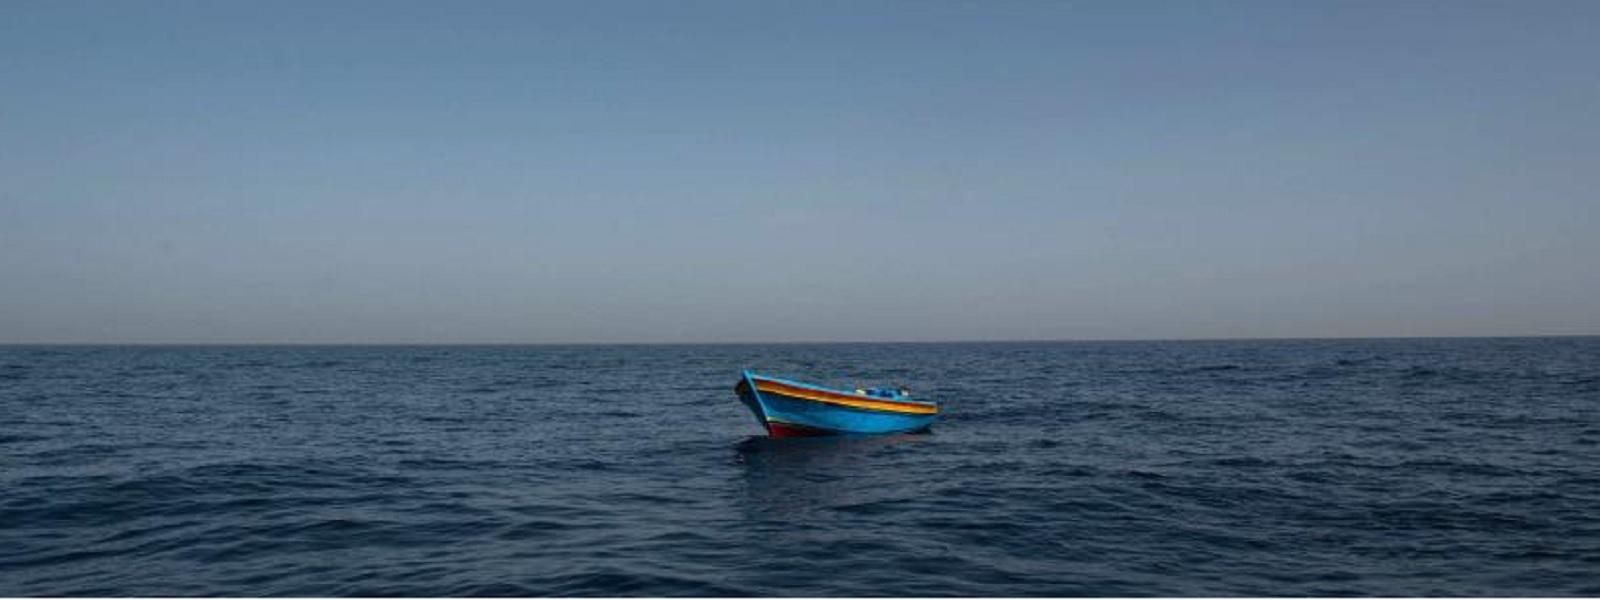 படகில் தத்தளித்த மன்னார் மீனவர்கள் இந்திய கடற்படையின் உதவியுடன் மீட்பு